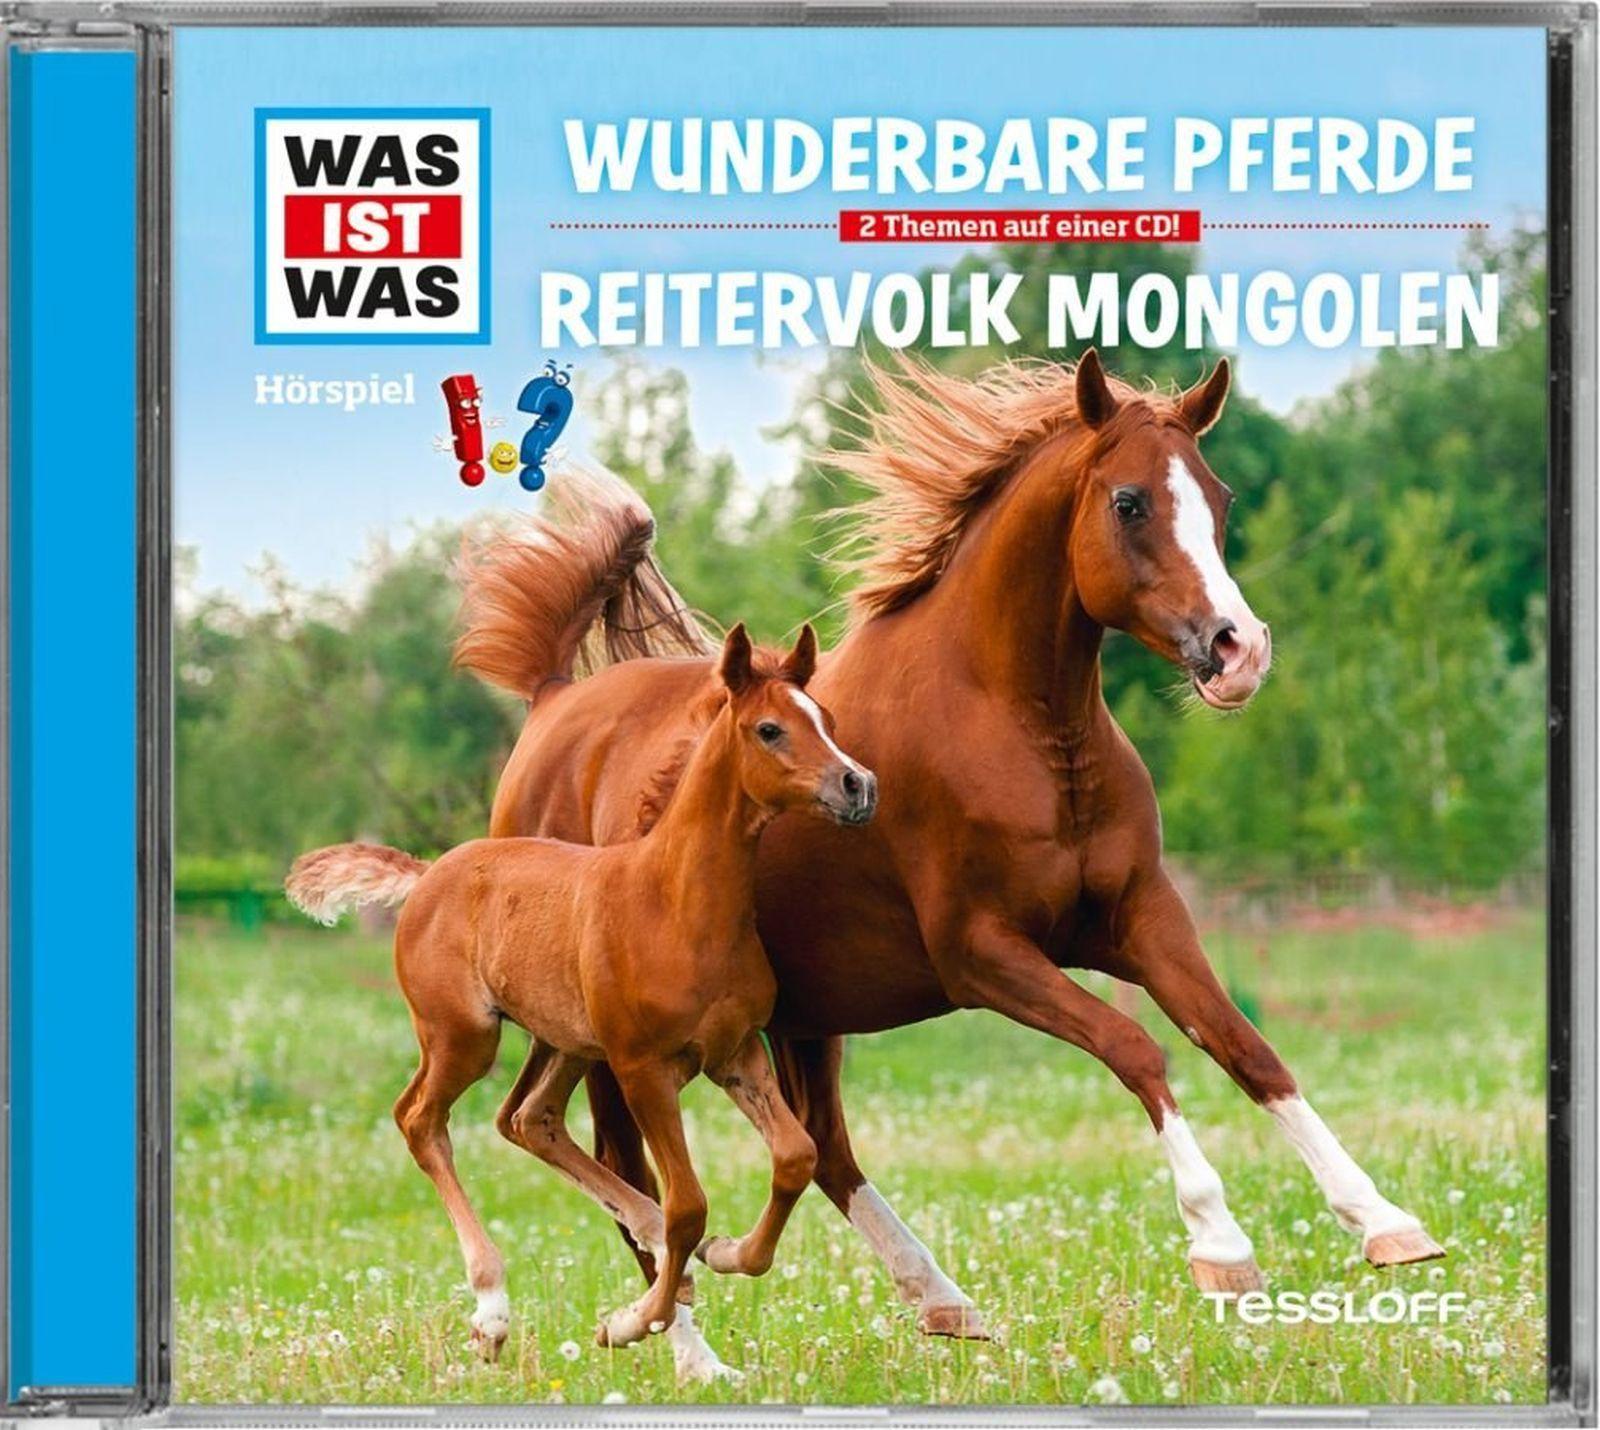 Was ist Was - Folge 56: Wunderbare Pferde / Reitervolk Mongolen